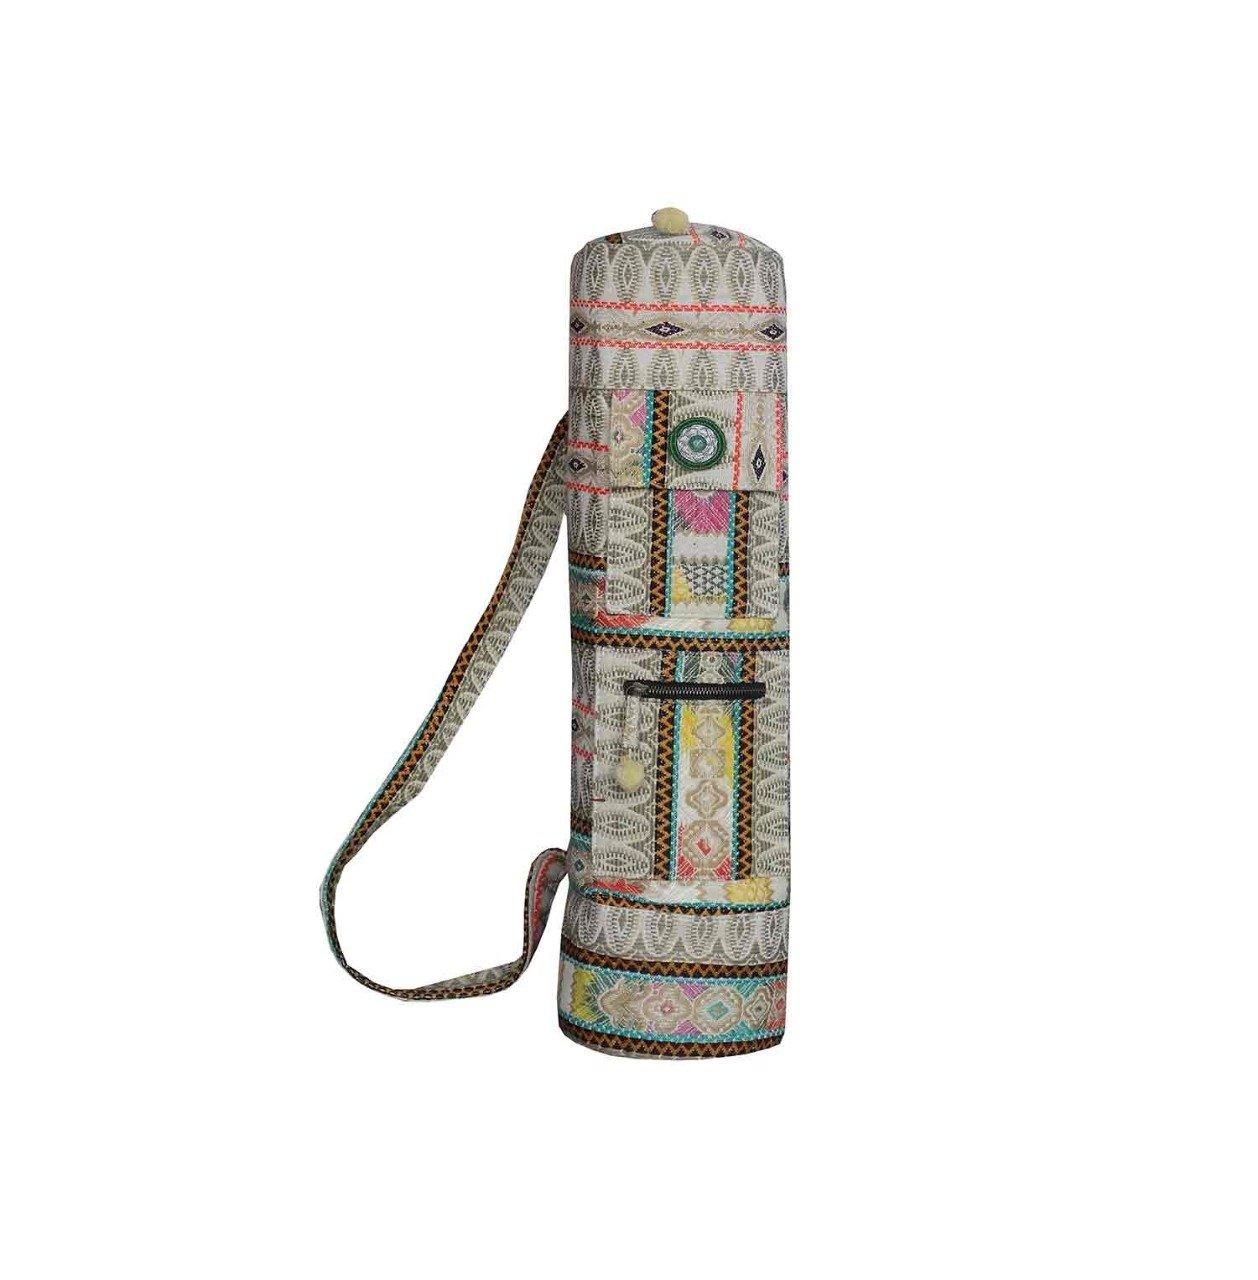 Amazon.com: tela a mano indio bolsa para esterilla de yoga ...